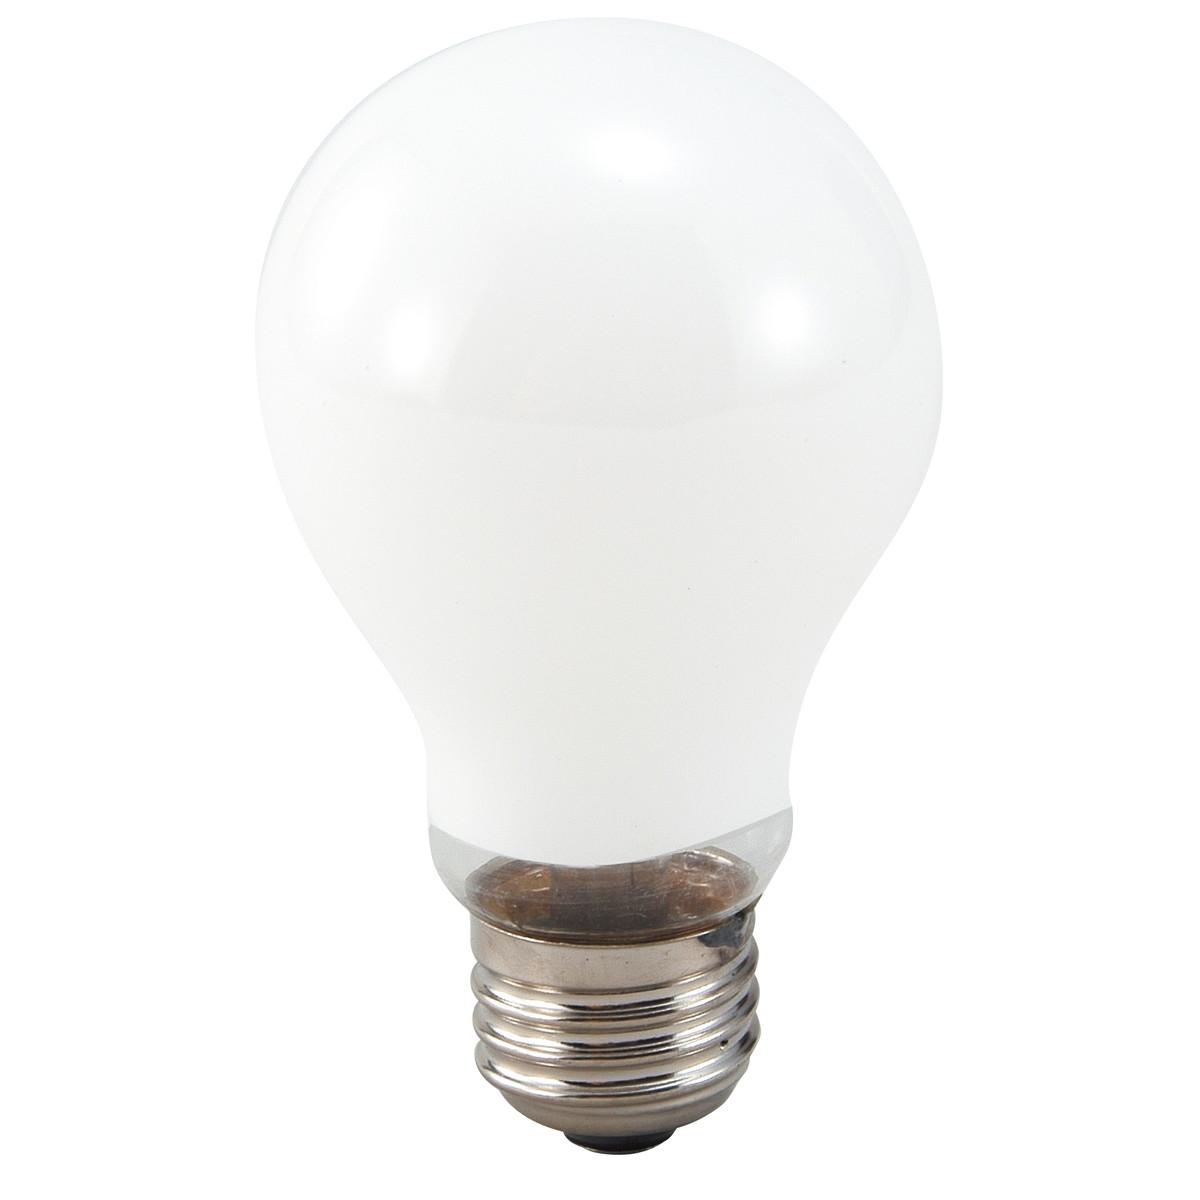 Artec アーテック 倉 ライティングベース メーカー在庫限り品 大用 #47302 一般球フロスト20W 電球